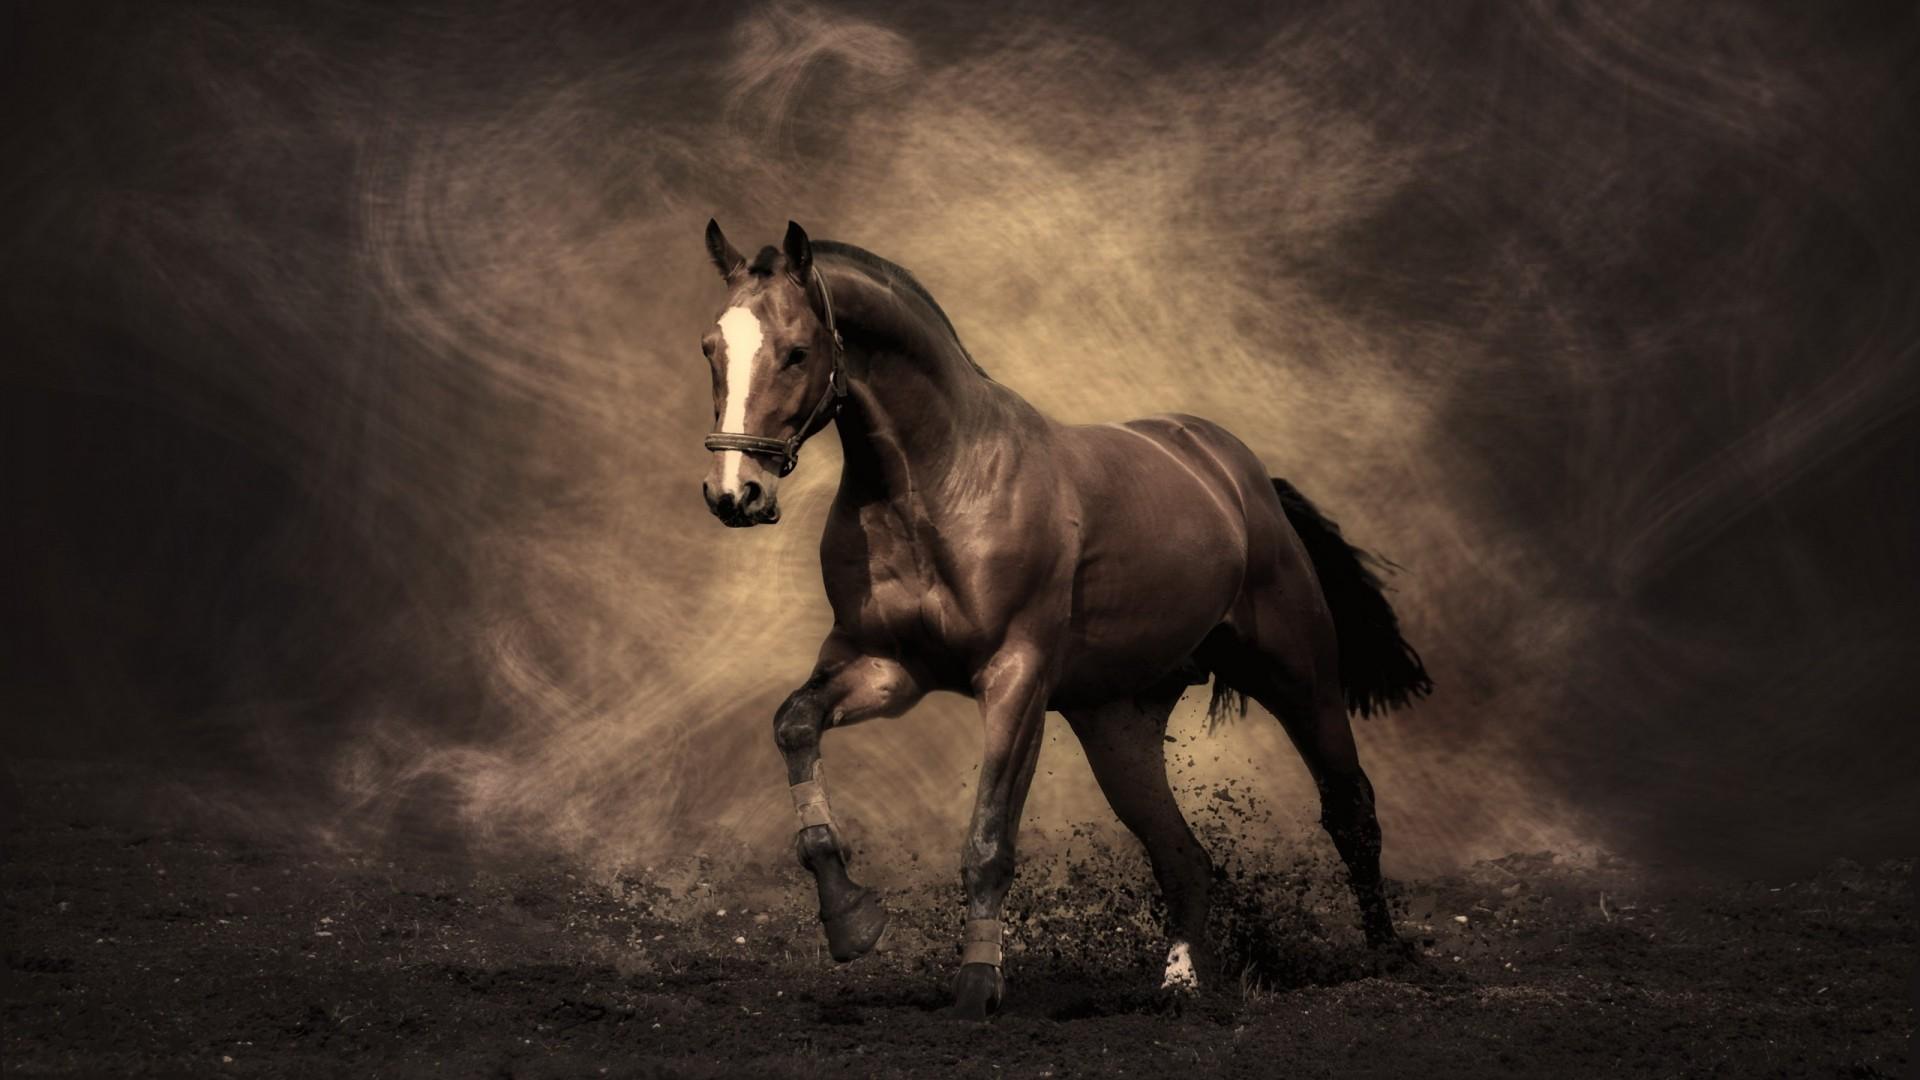 Racing Horse Desktop High Quality WallpapersWallpaper Desktop 1920x1080